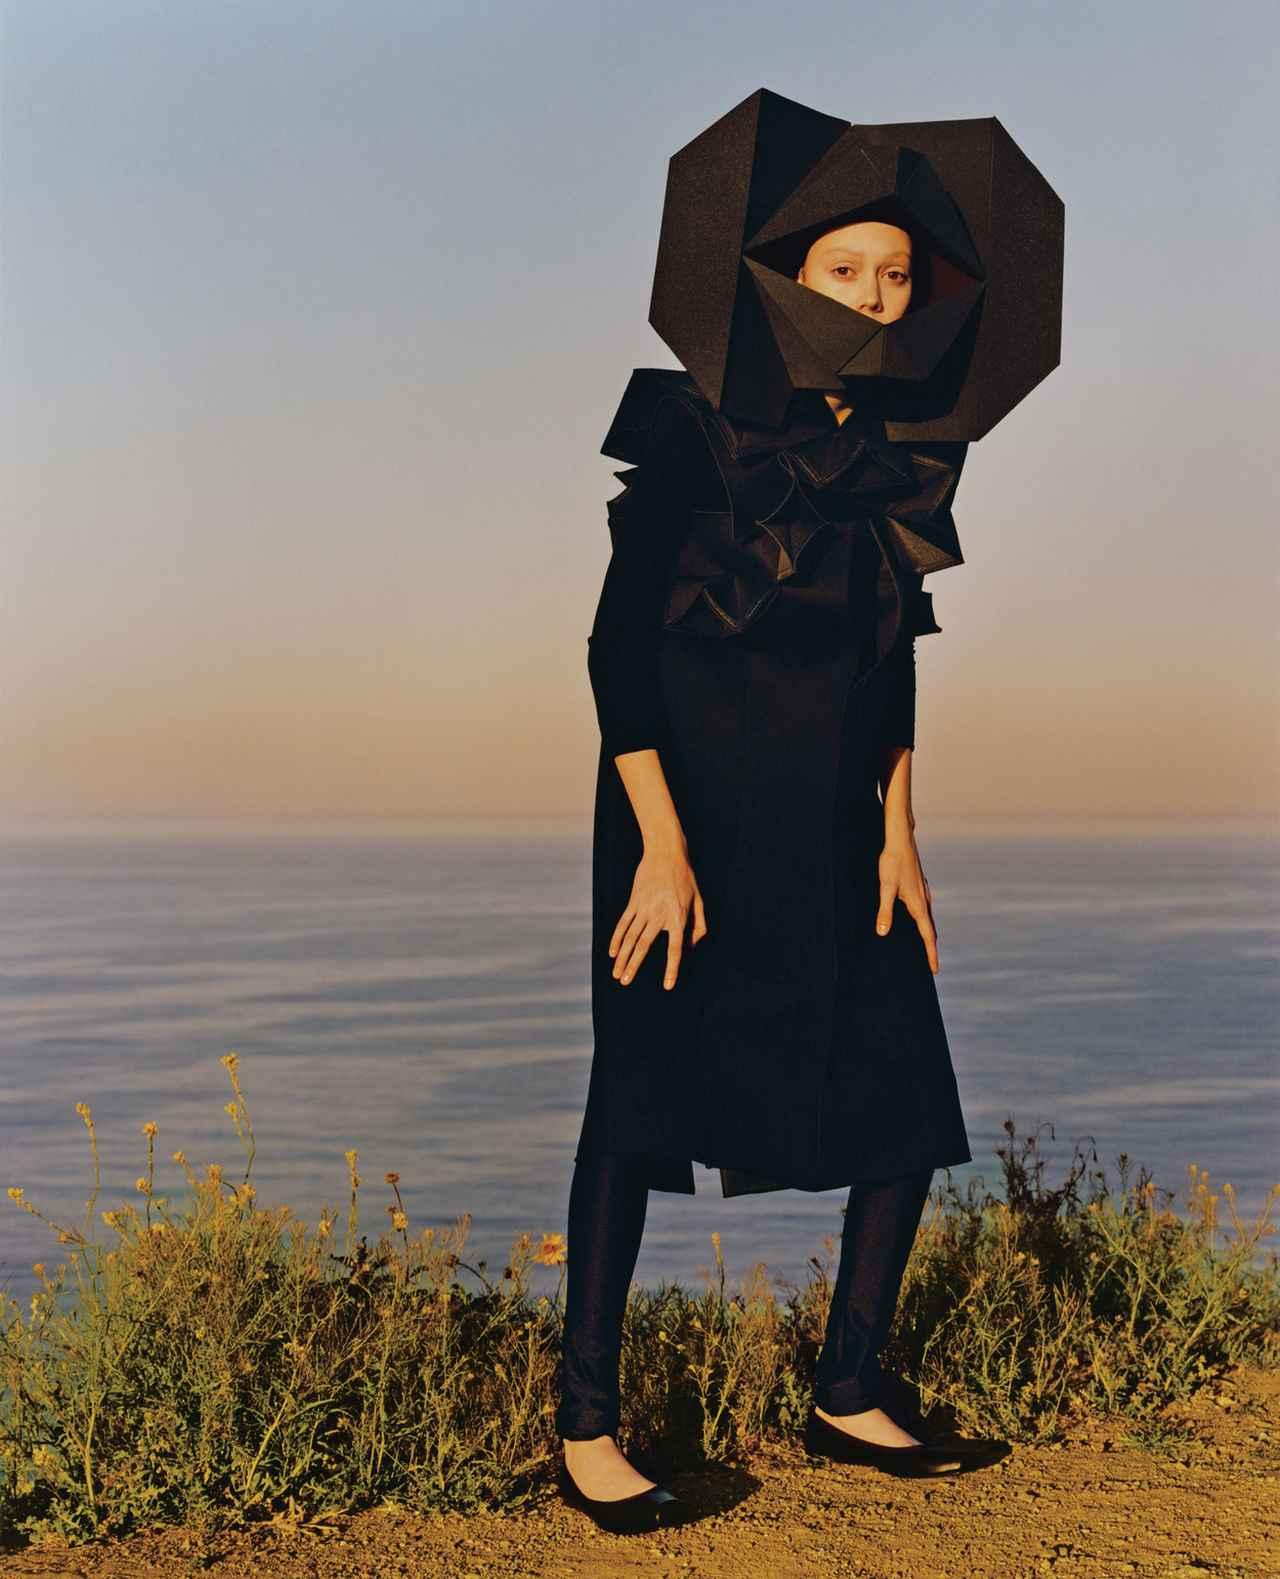 Images : 2番目の画像 - 「デザイナー ワタナベ ジュンヤの 「ものづくり」はどこから来るのか」のアルバム - T JAPAN:The New York Times Style Magazine 公式サイト